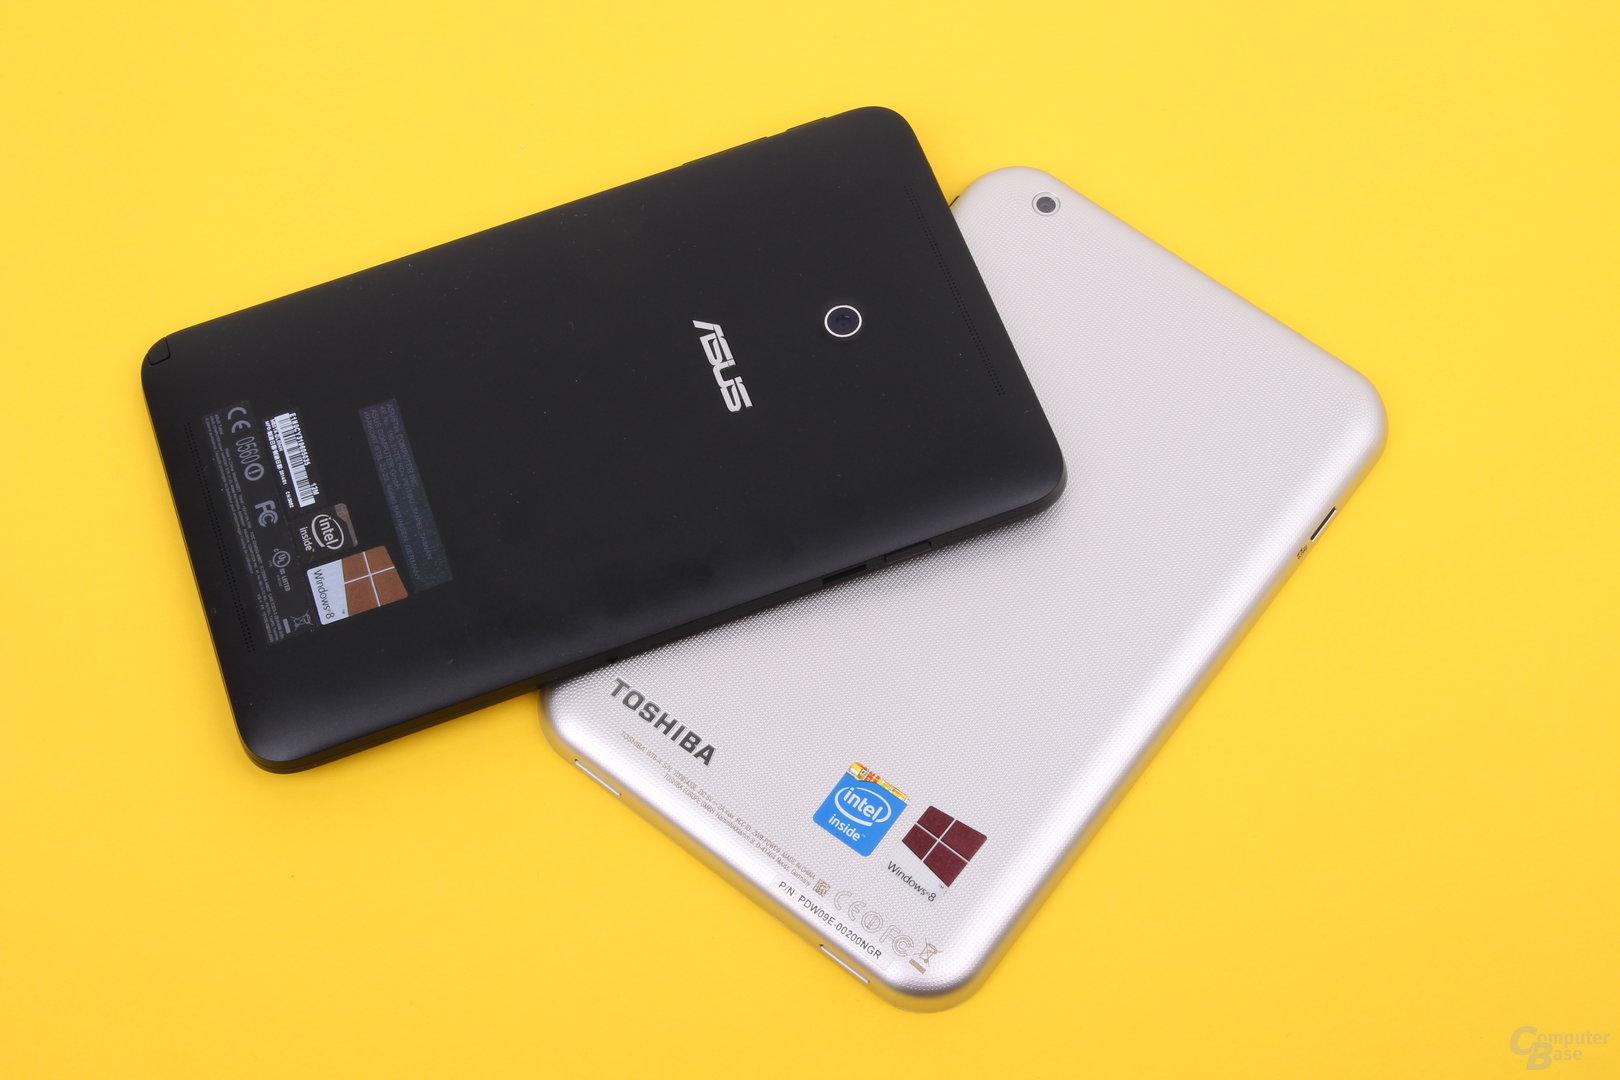 Toshiba Encore WT8 & Asus VivoTab Note 8